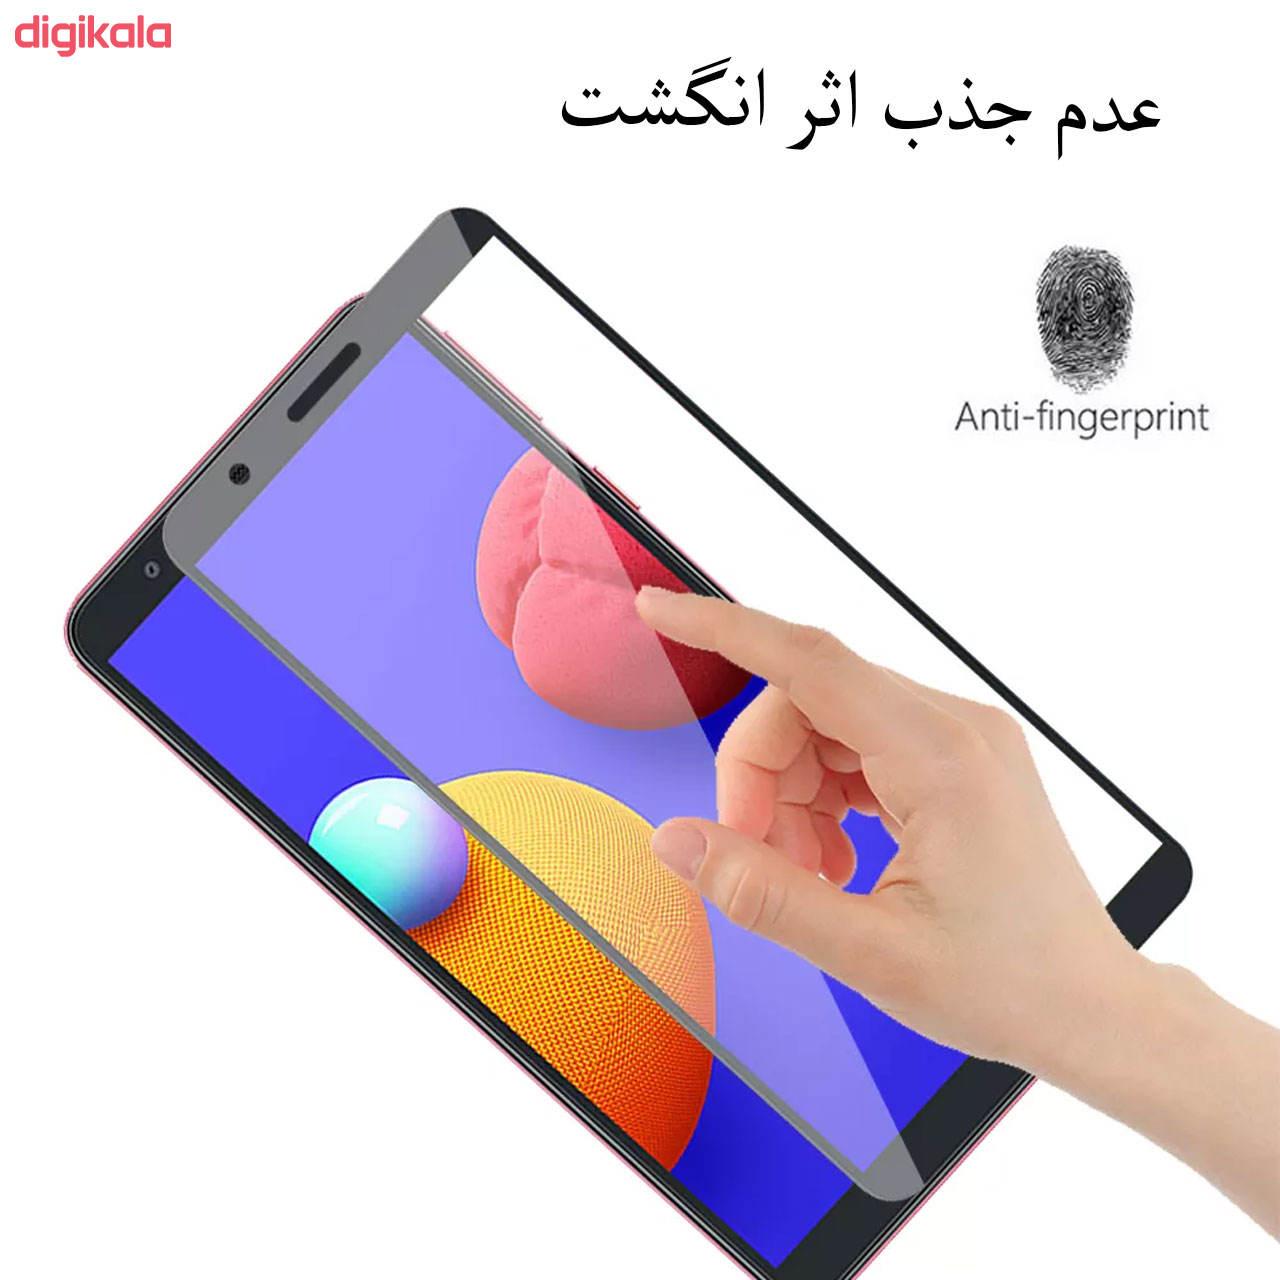 محافظ صفحه نمایش مدل FCG مناسب برای گوشی موبایل سامسونگ Galaxy A01 Core main 1 5